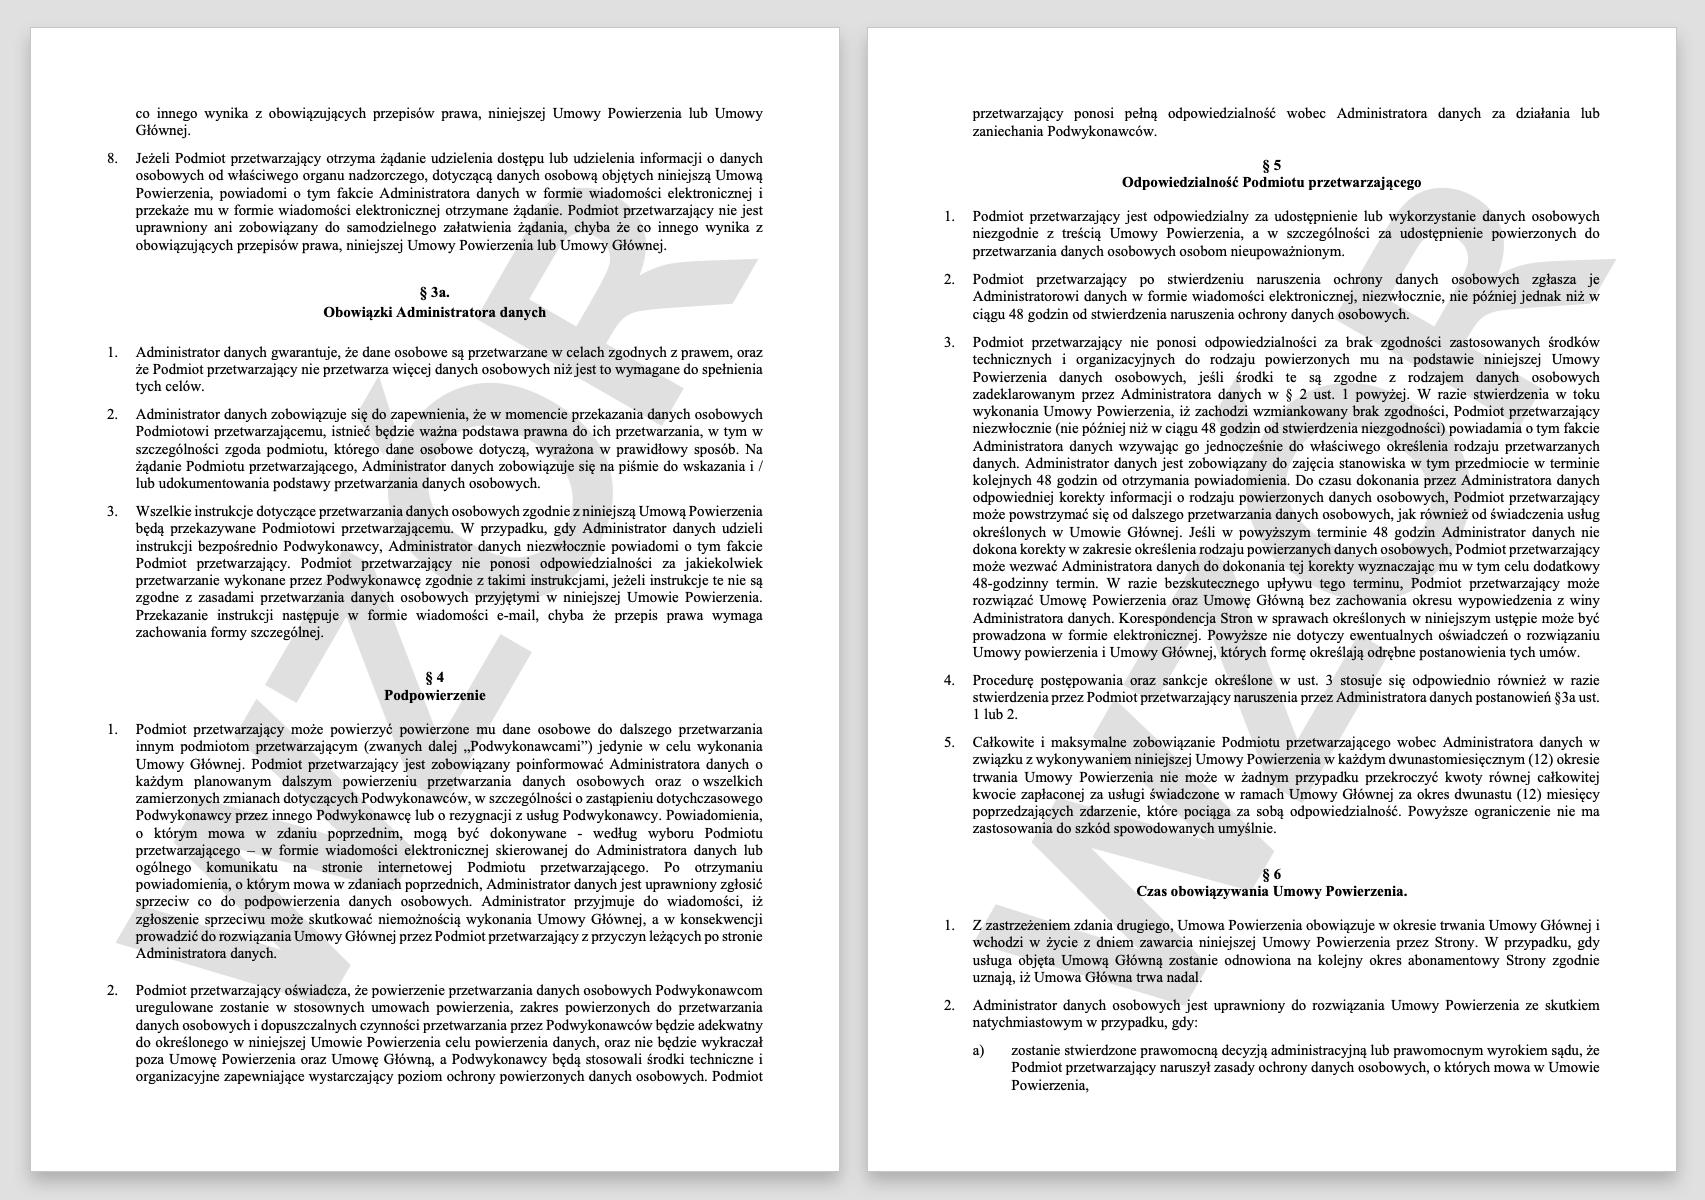 RODO - jak wygląda przykładowa umowa powierzenia przetwarzania danych w premium.pl.